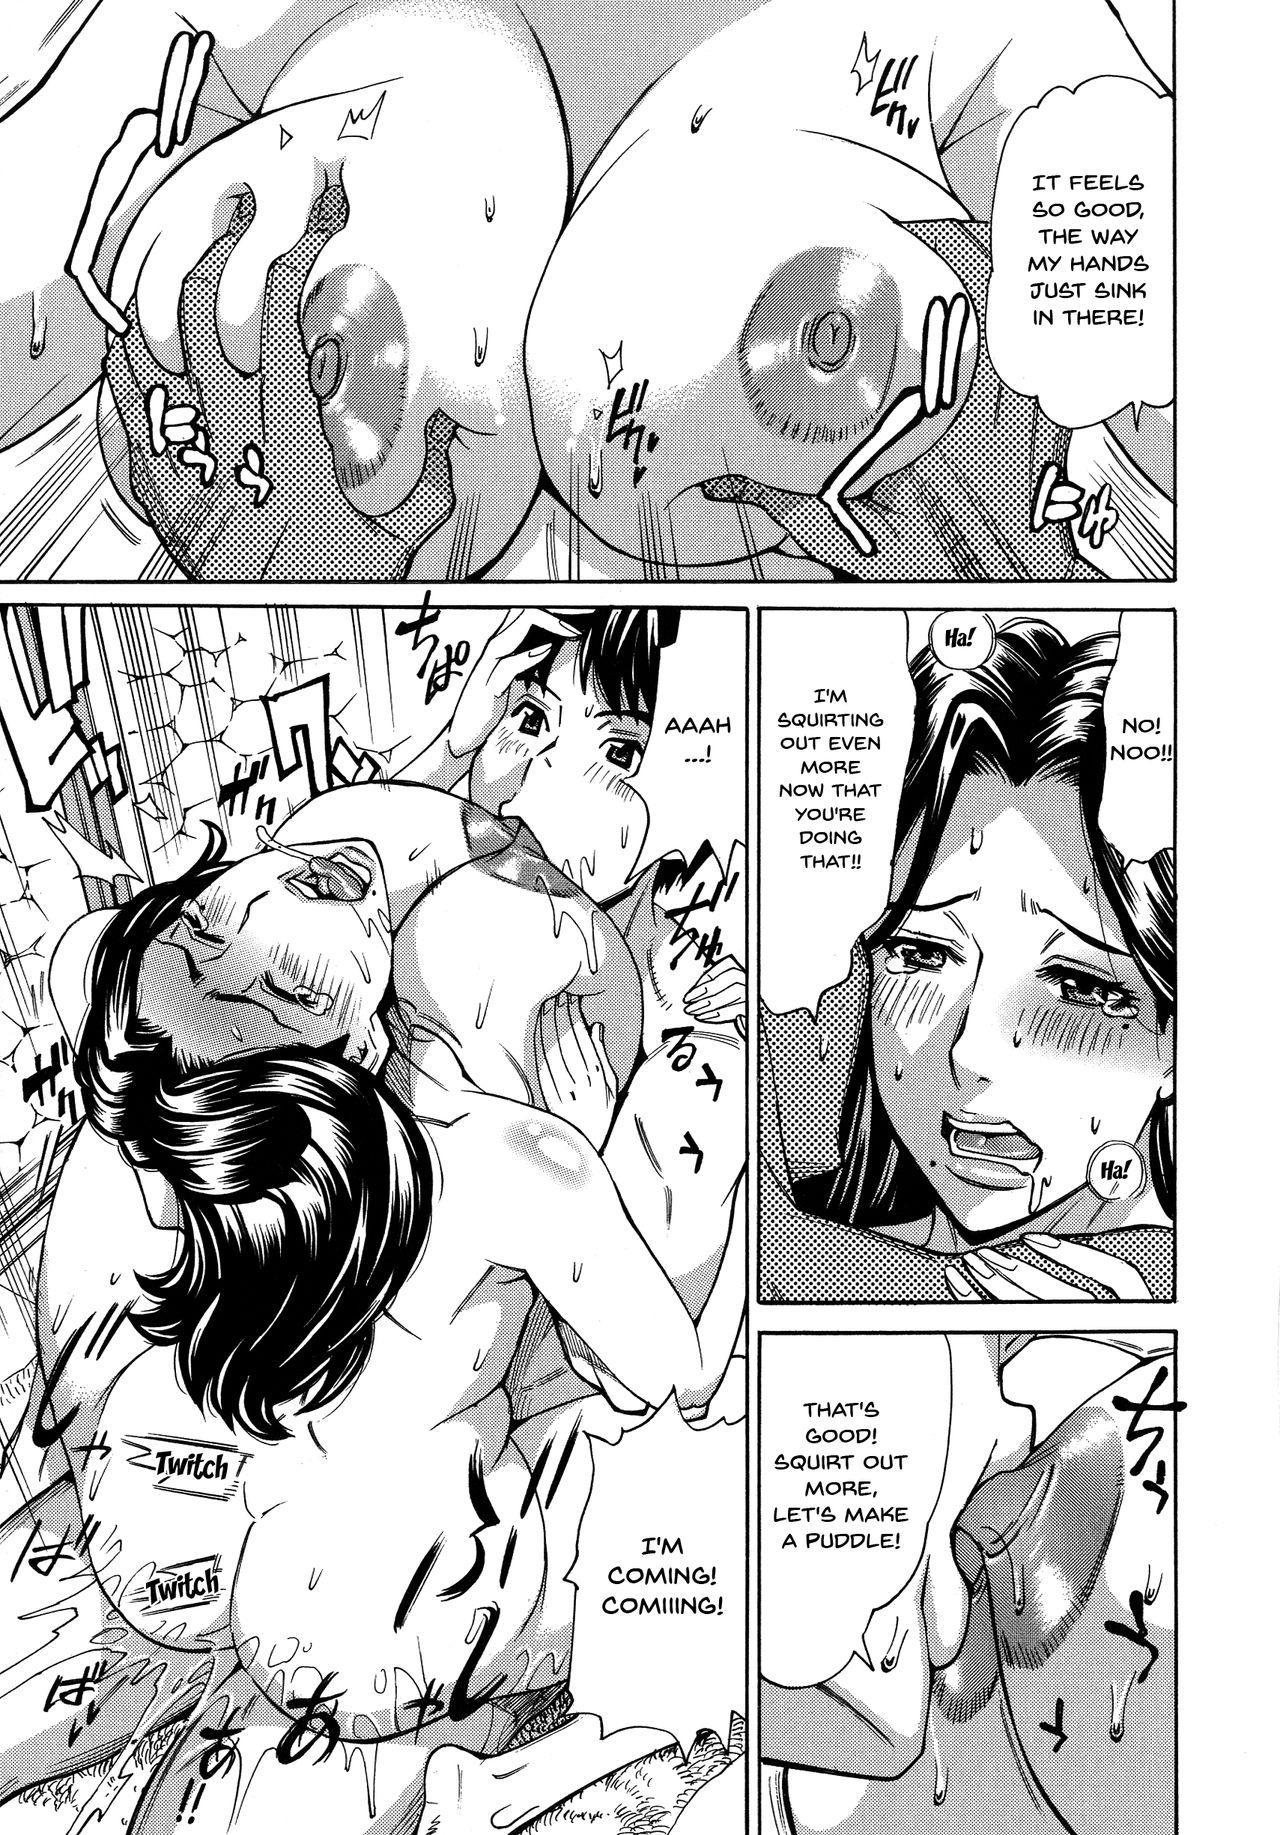 [Makibe Kataru] Hitozuma Koi Hanabi ~Hajimete no Furin ga 3P ni Itaru made~ Ch.1-9 [English] {Doujins.com} 33